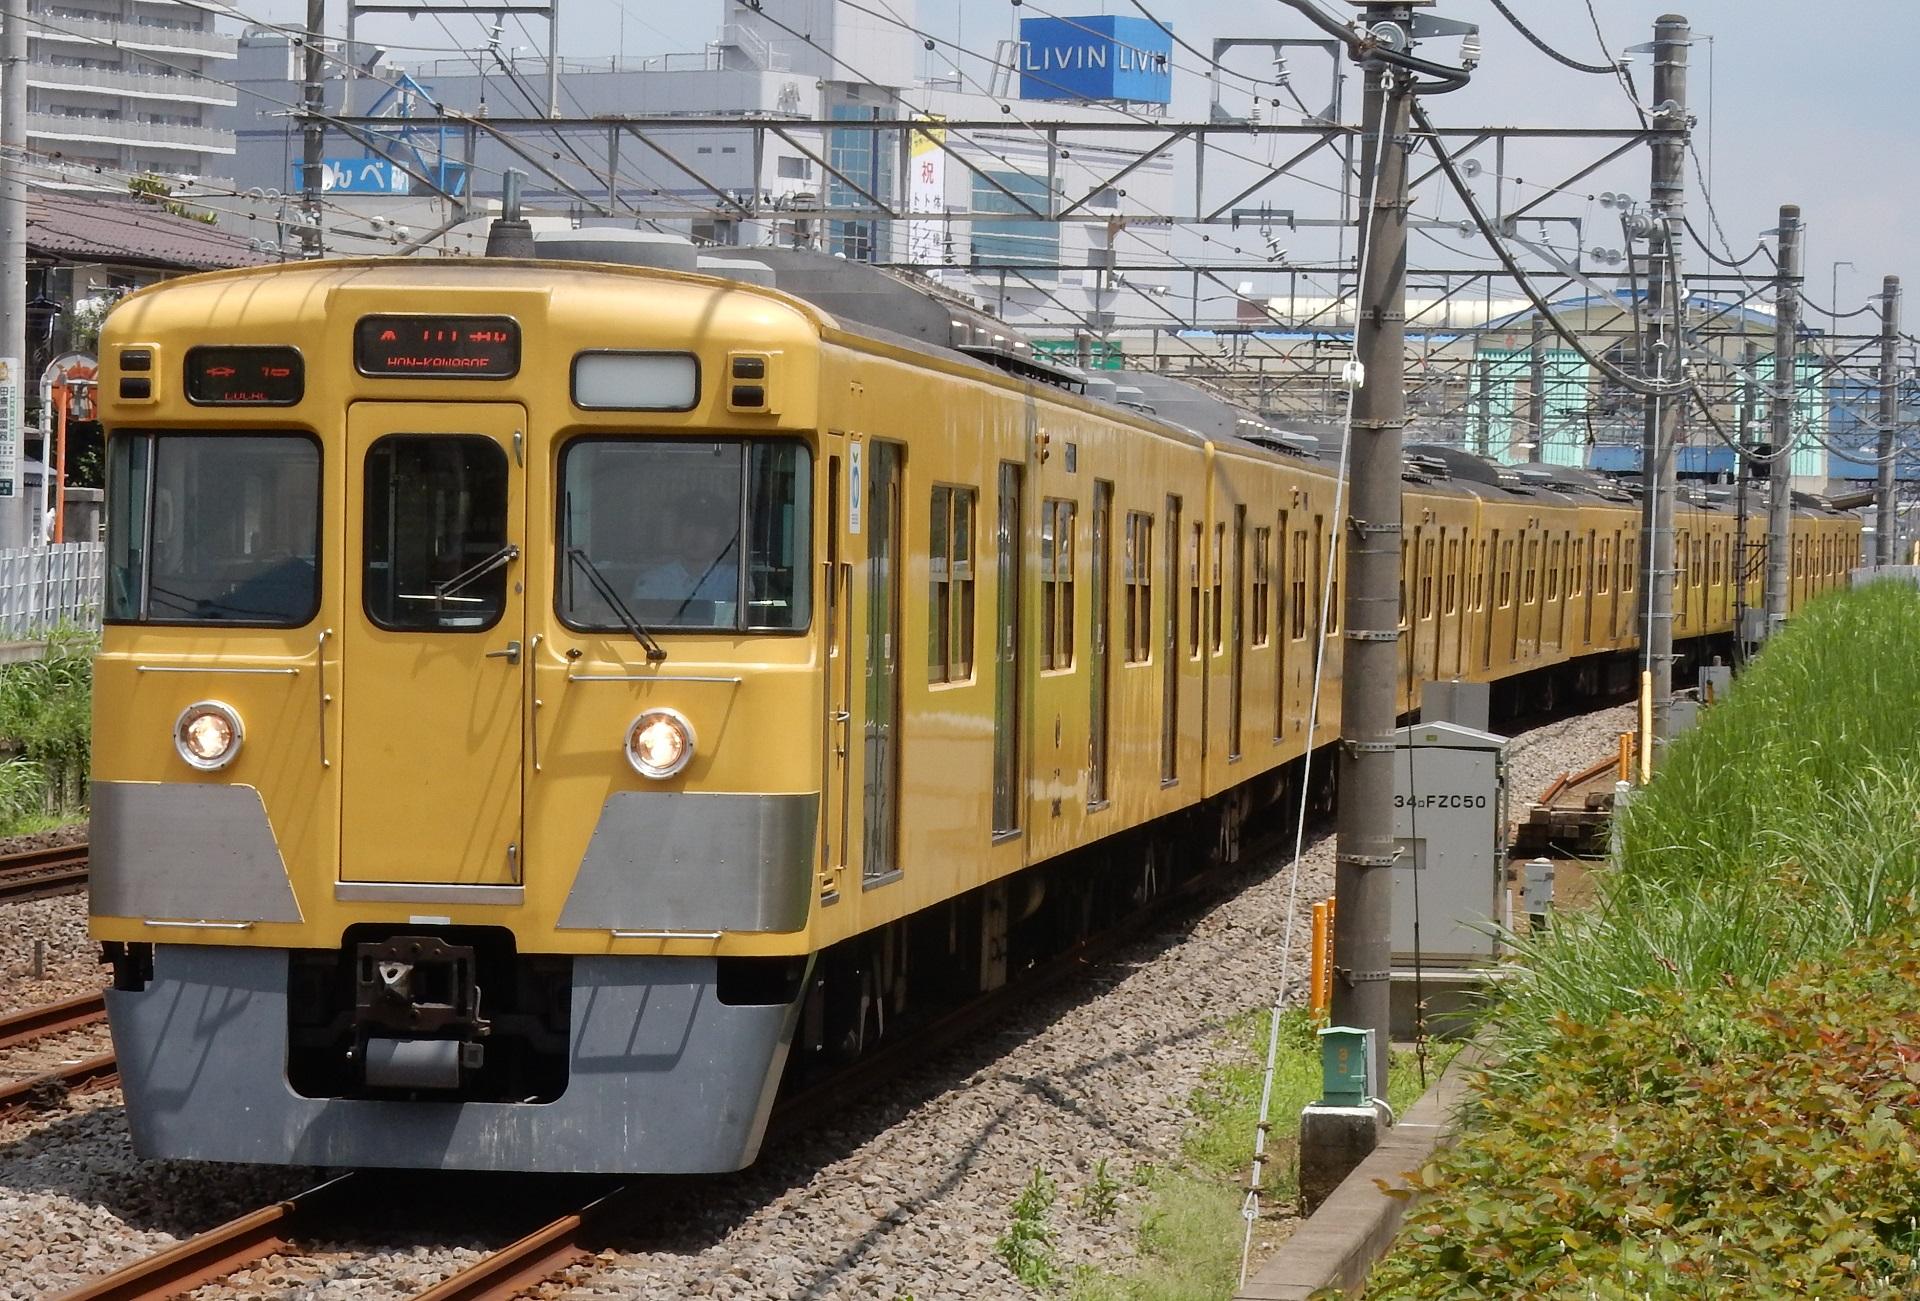 DSCN5107 - コピー